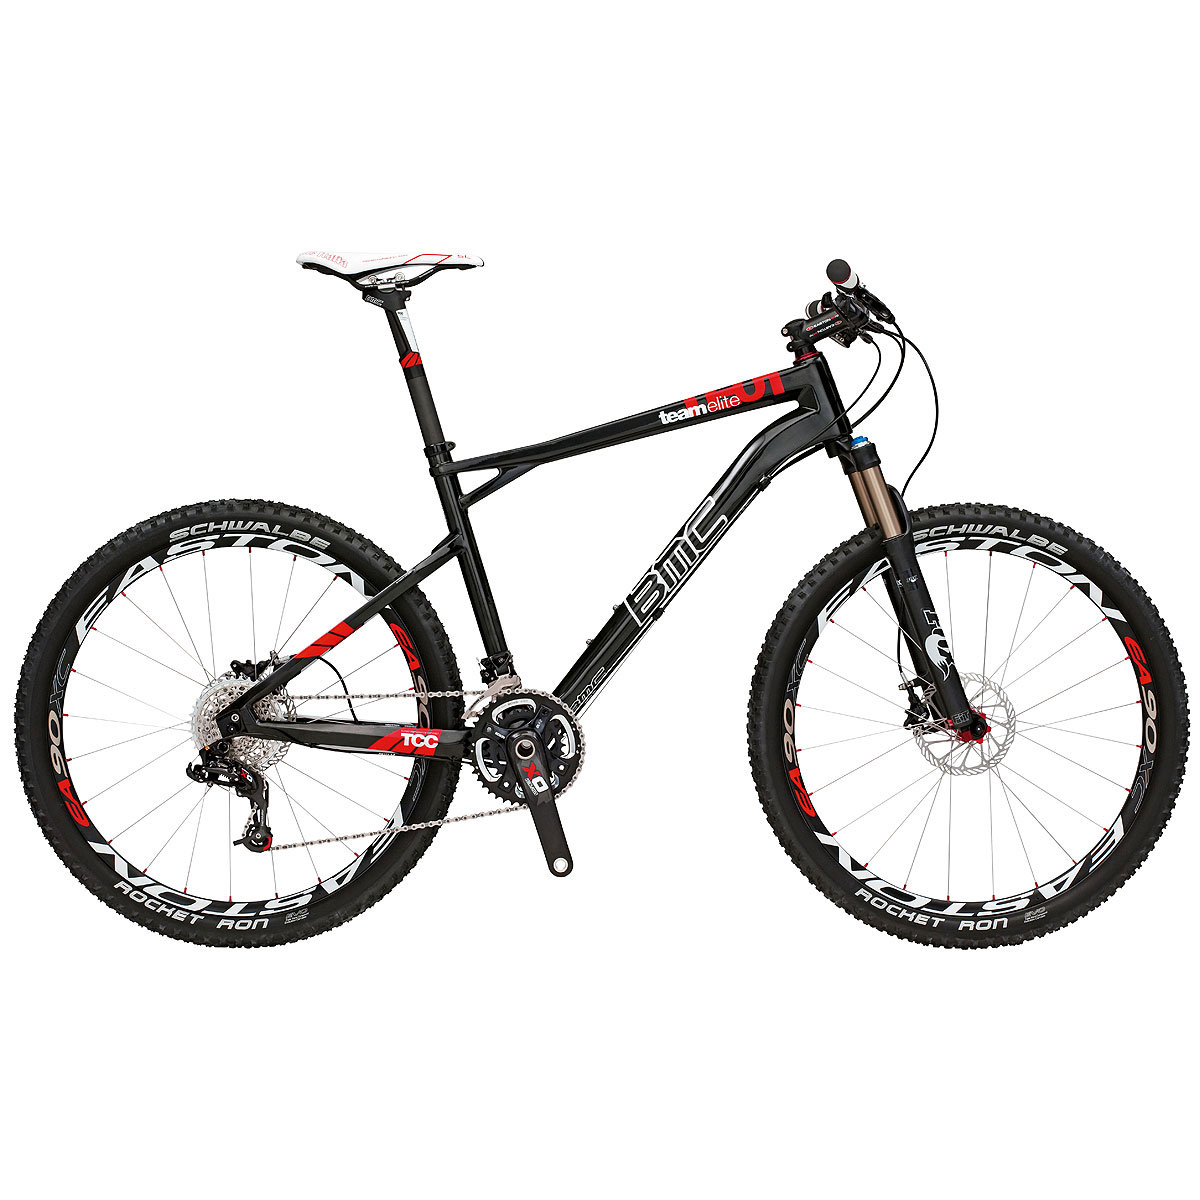 Bicicleta BMC Tem Elite com 25% de desconto na Netshoes